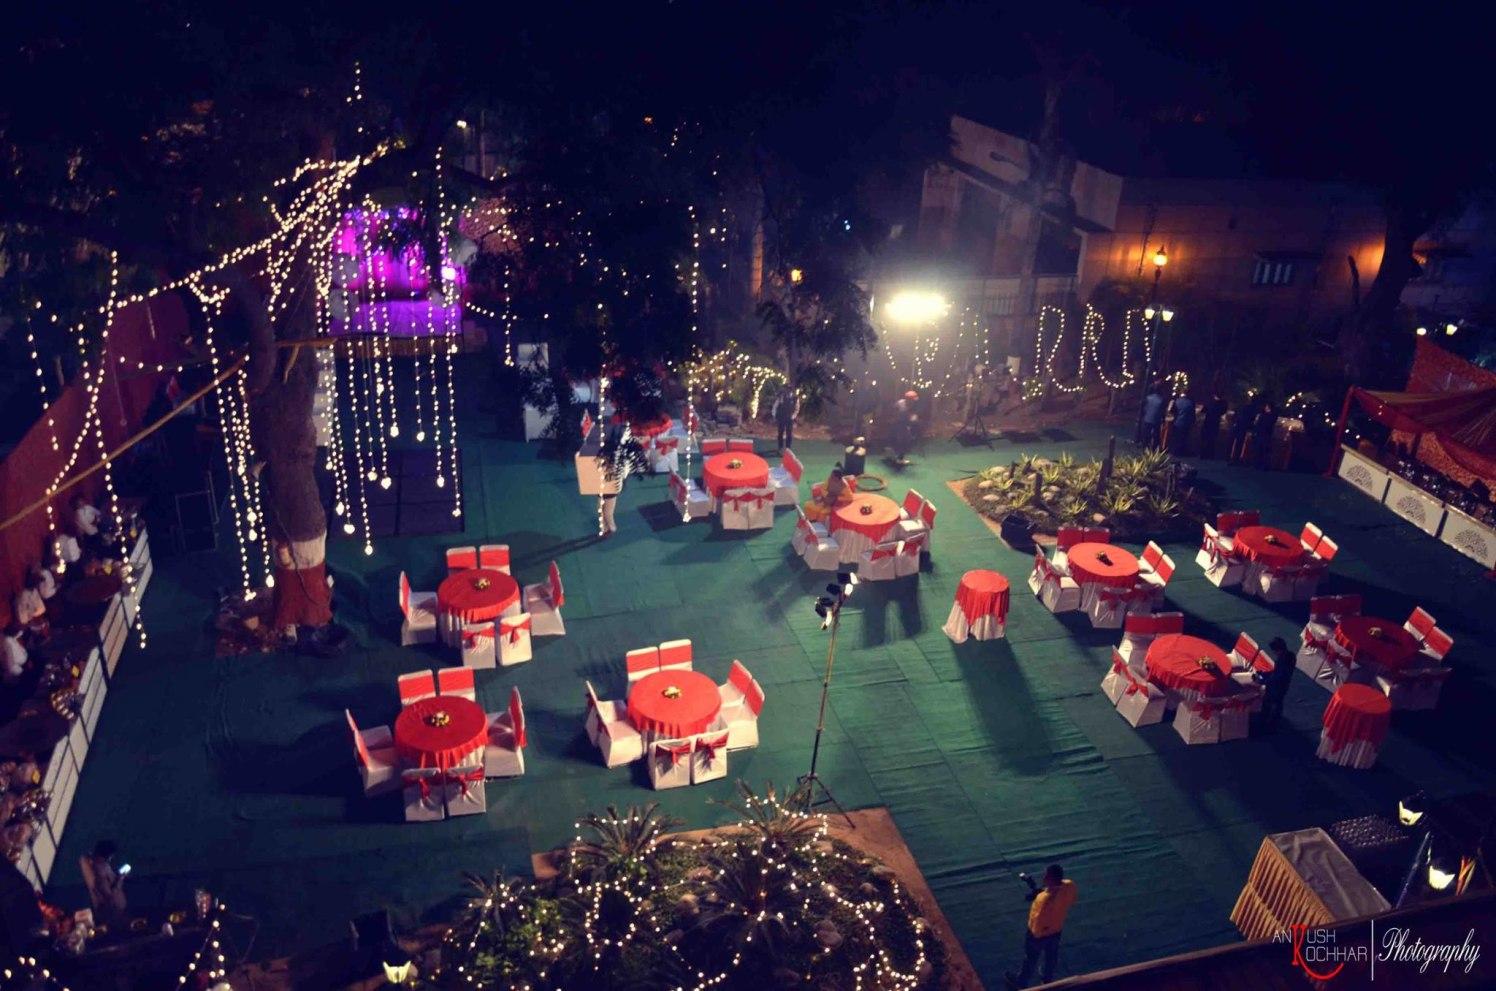 Wedding Venue Decor by AKfotography Wedding-photography Wedding-decor | Weddings Photos & Ideas